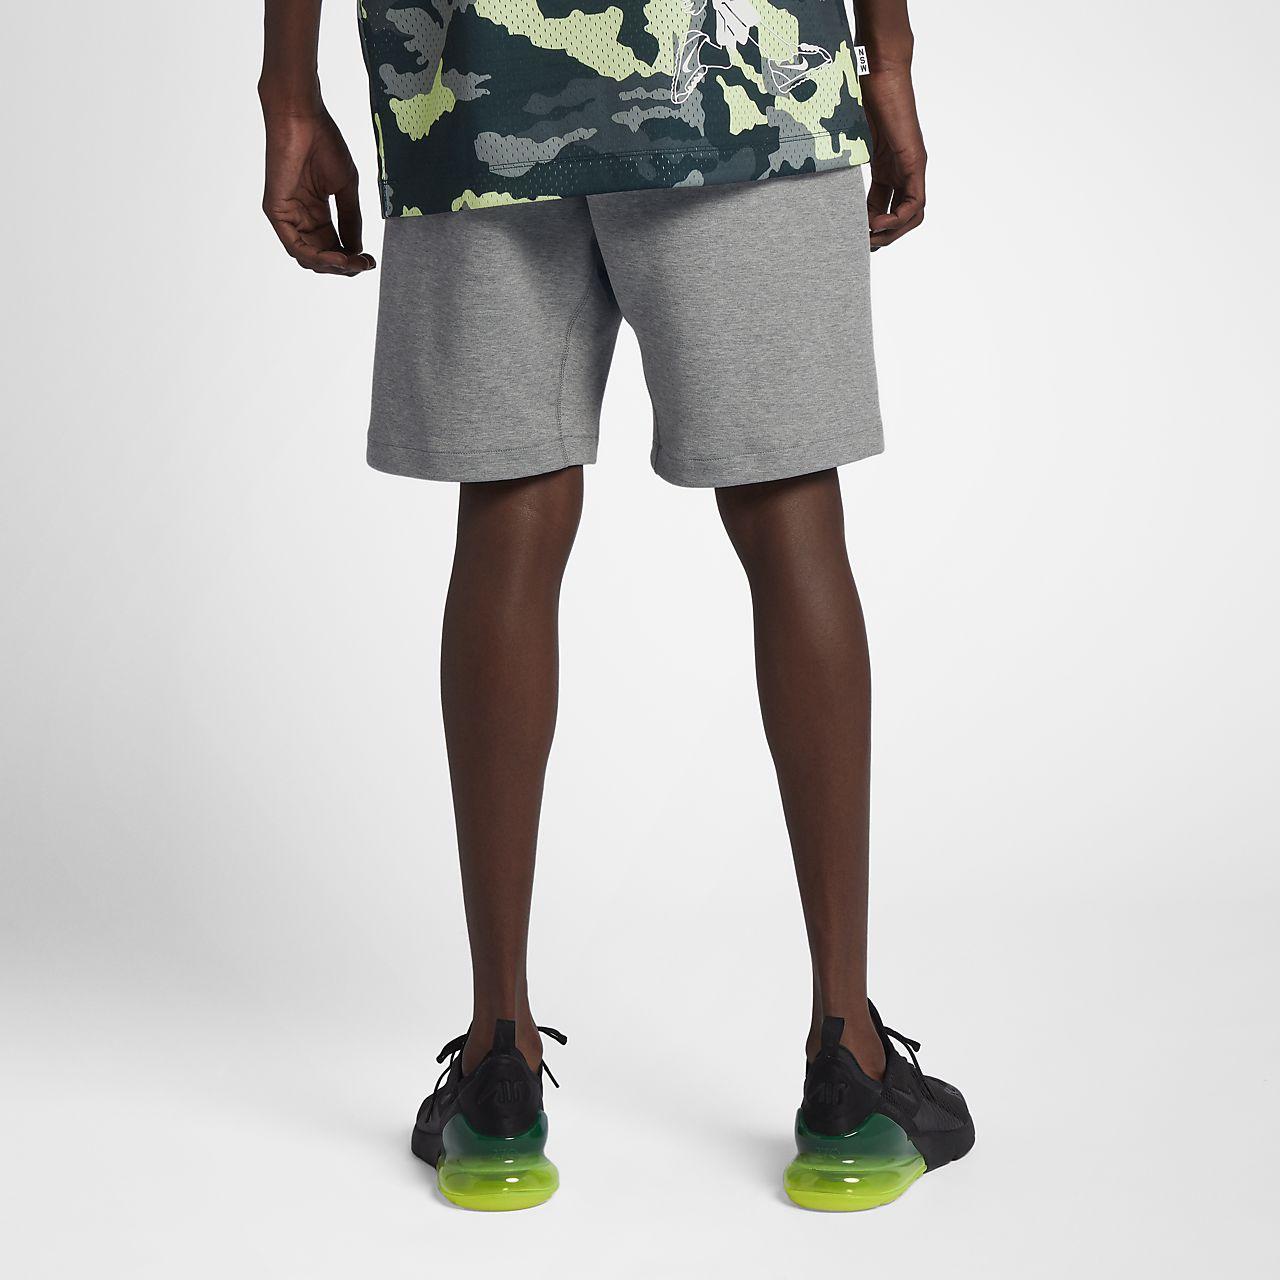 959352abecc5 Nike Sportswear Tech Fleece Men s Fleece Shorts. Nike.com